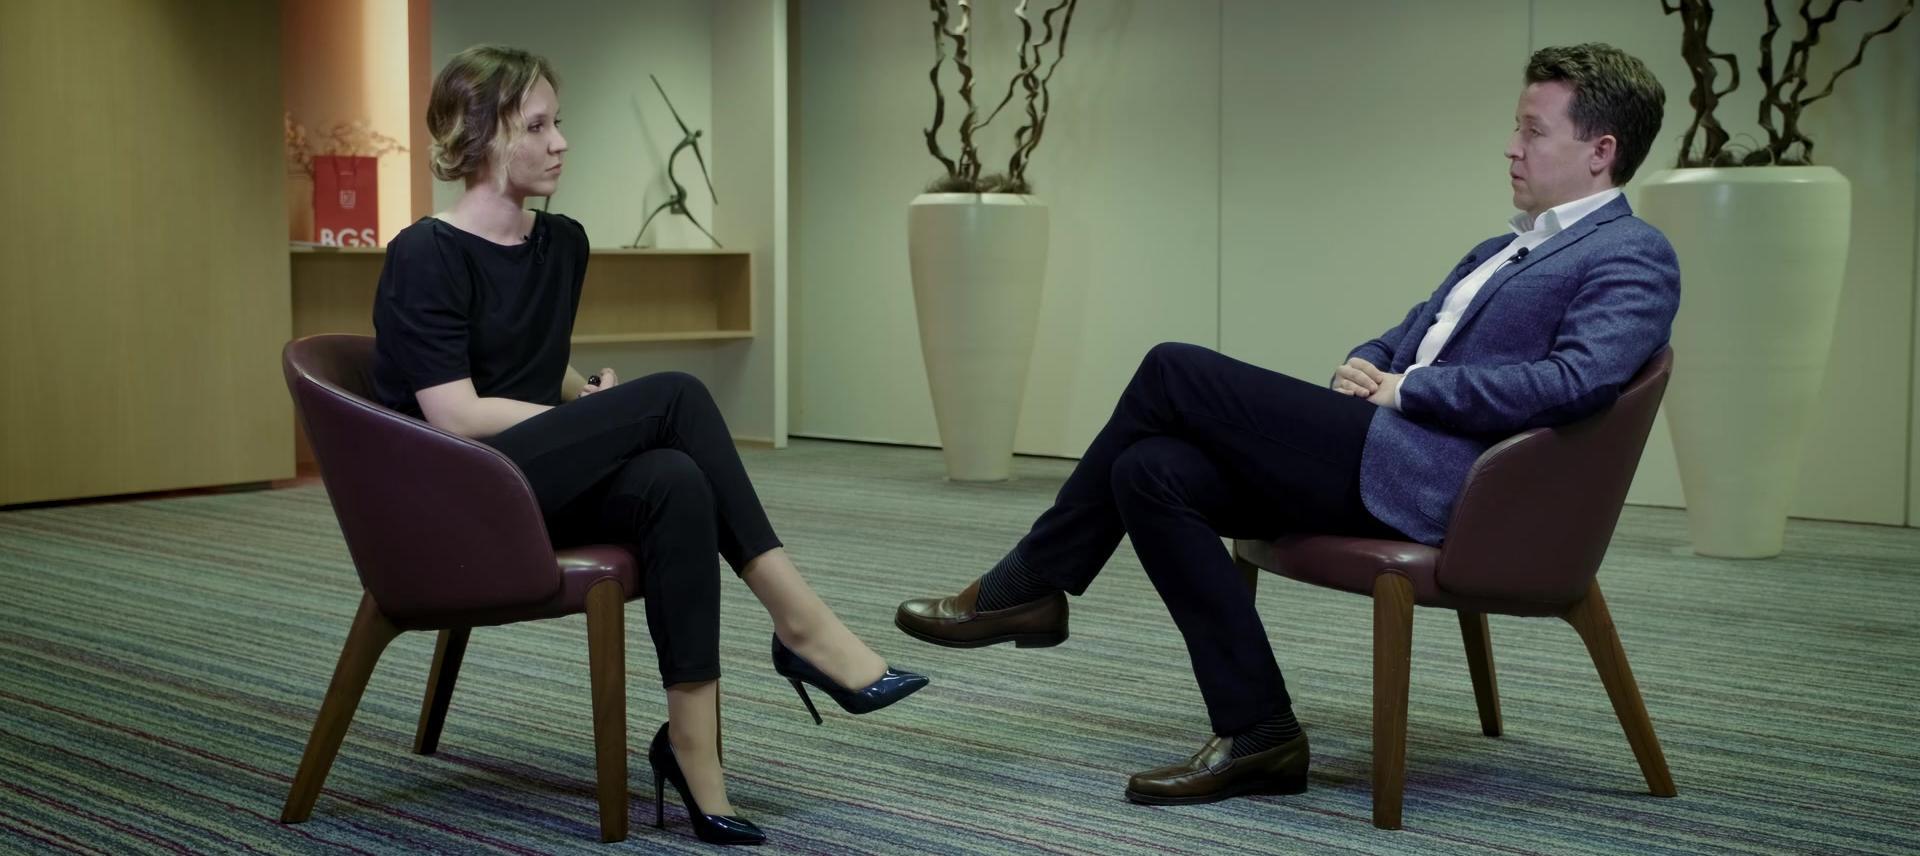 Цифровая нефтяная компания. Интервью с директором по цифровой трансформации Газпром нефти Андрей Белевцевым